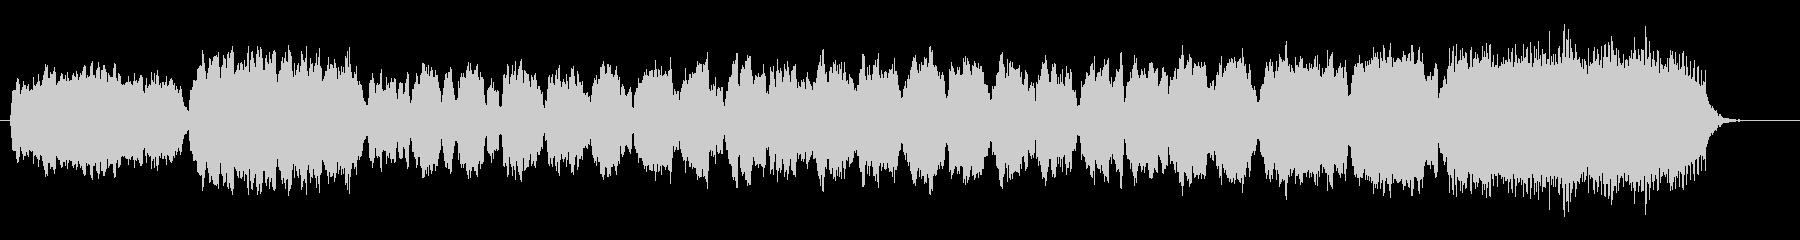 バイオリンビオラチェロのオリジナル三十奏の未再生の波形